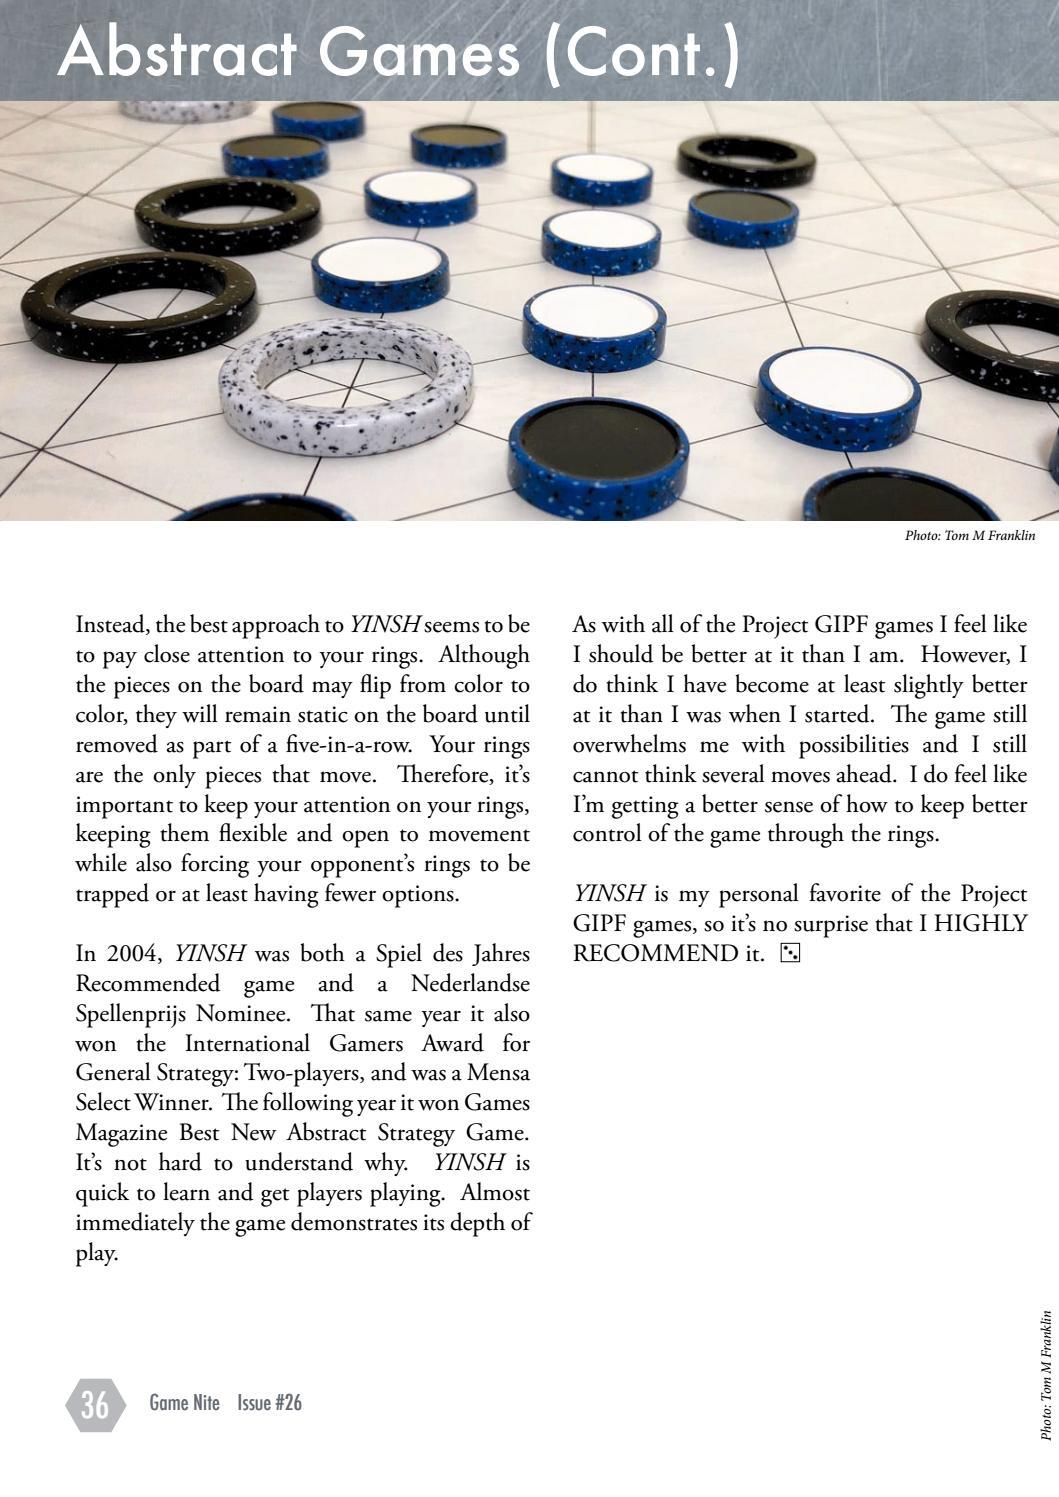 Game Nite Magazine Issue 26 by Game Nite Magazine - issuu